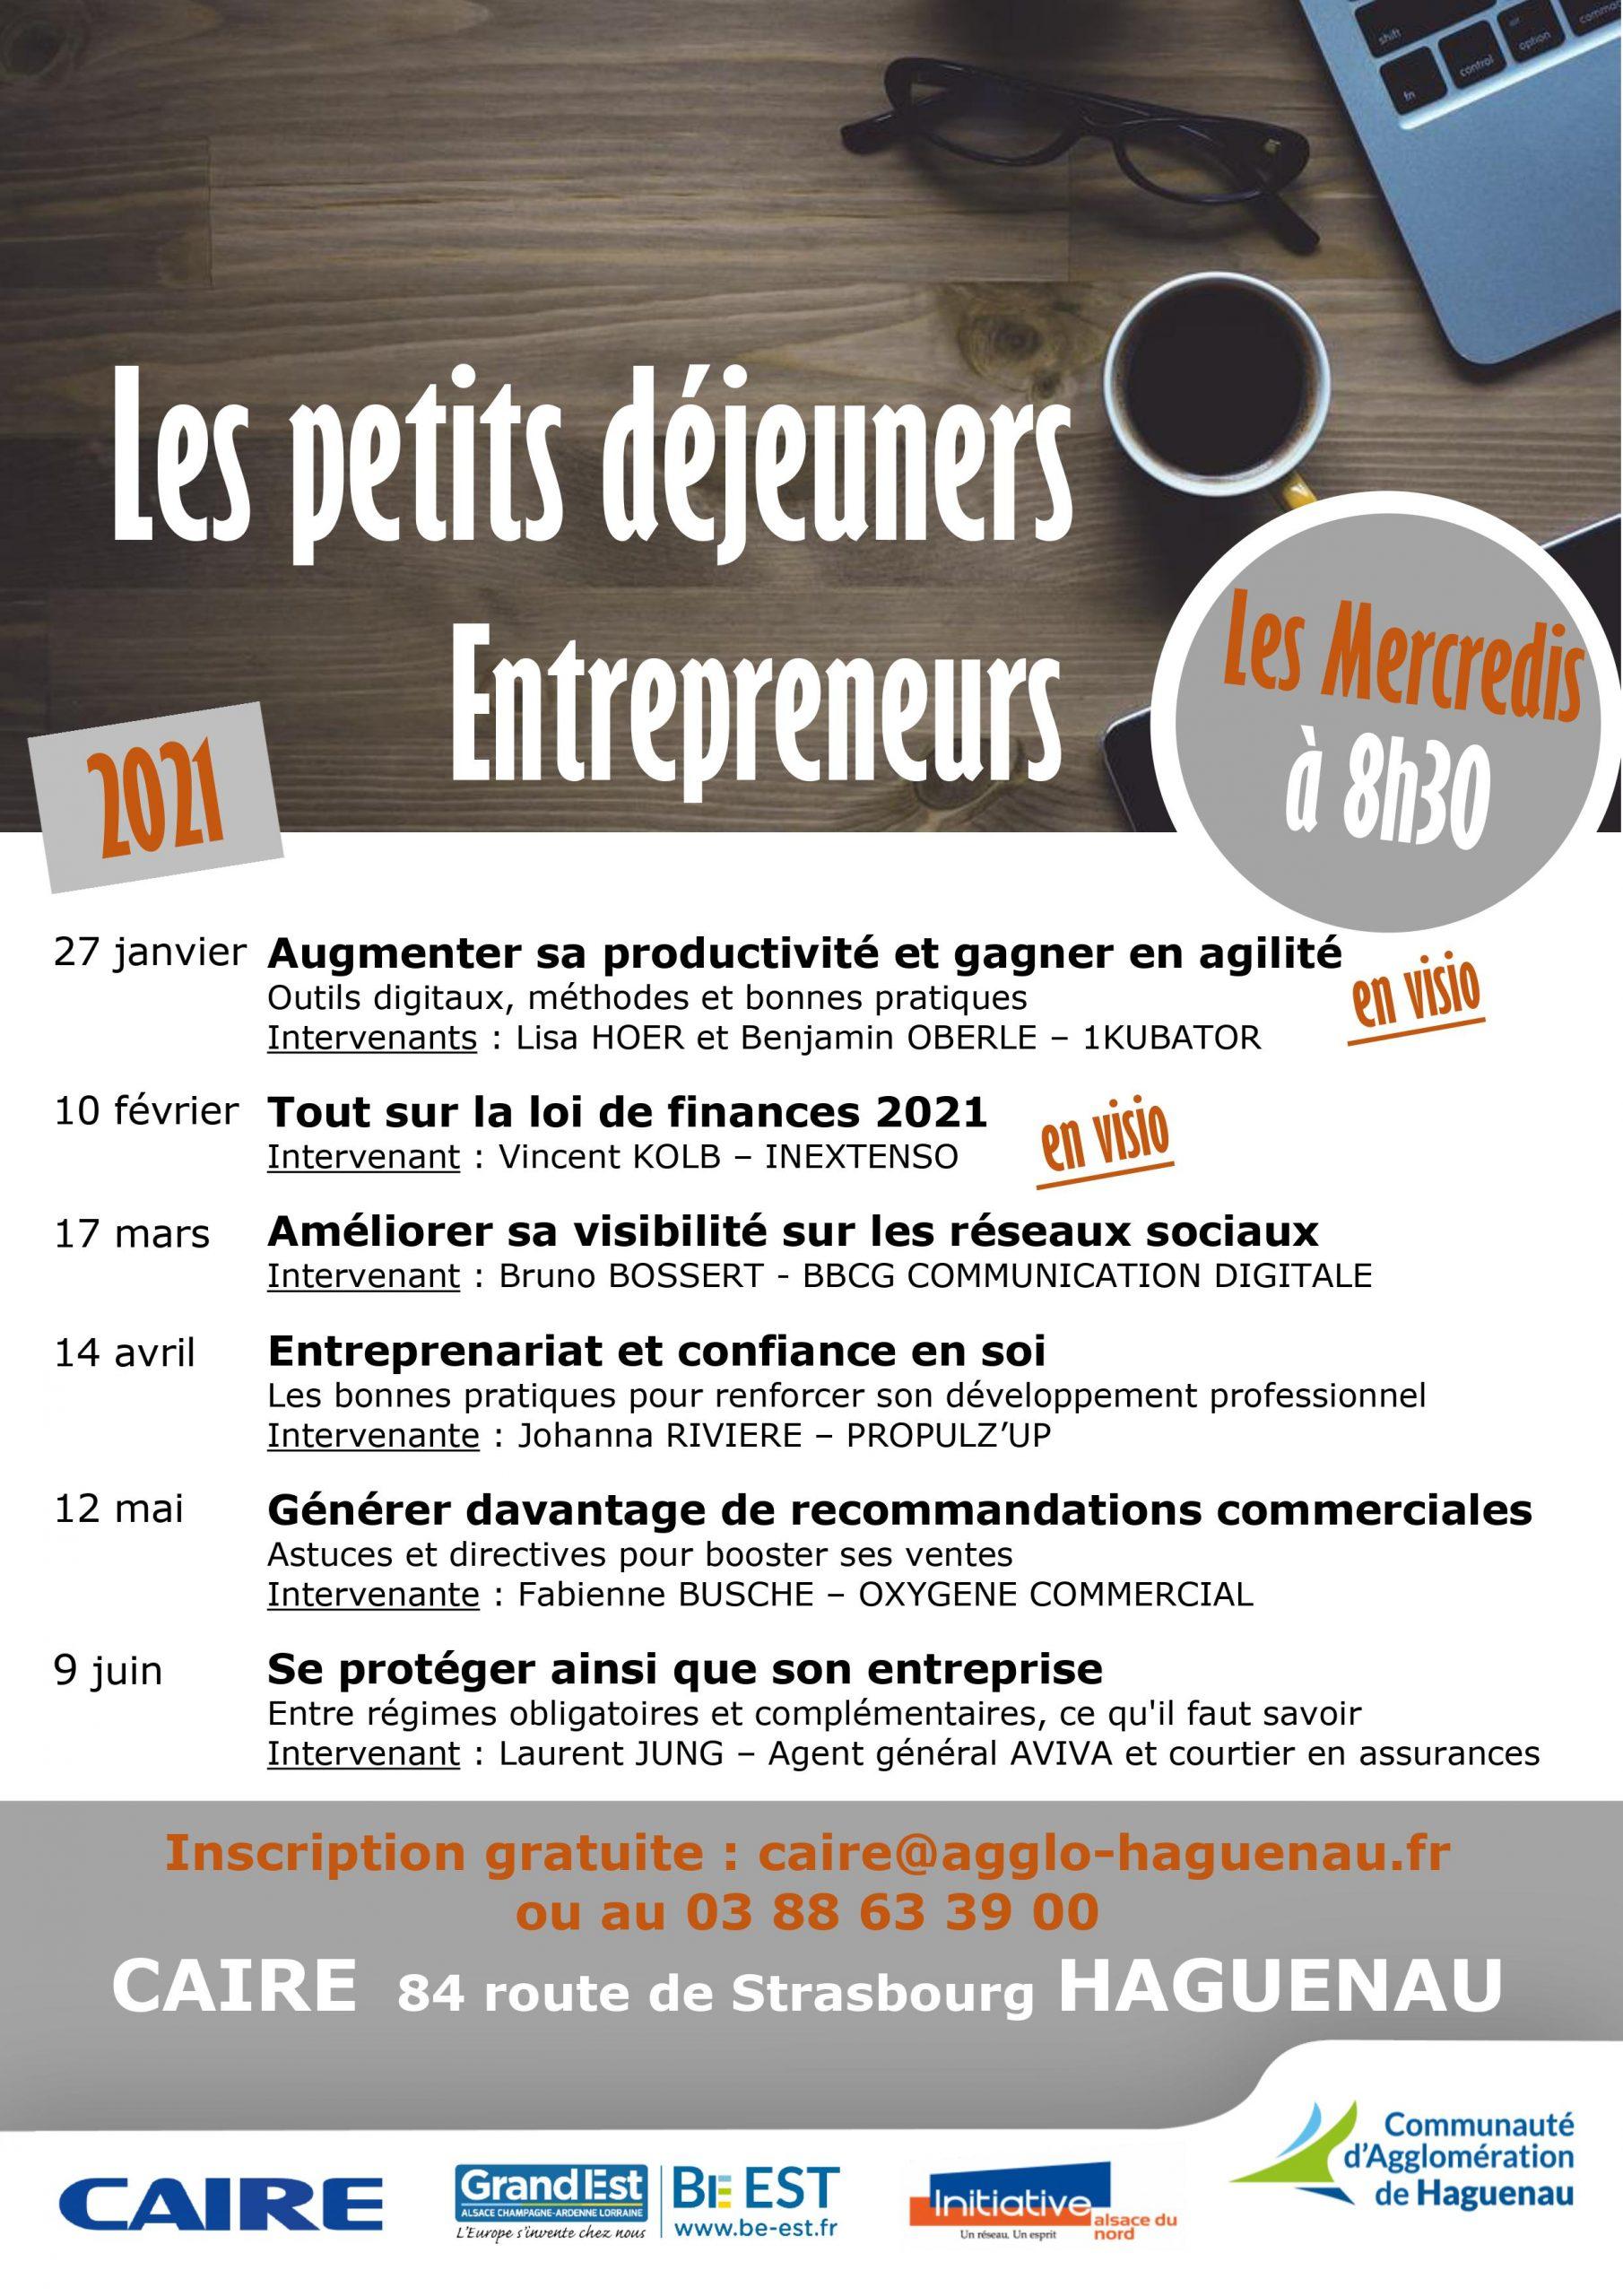 Petit déjeuner Entrepreneurs : Améliorer sa visibilité sur les réseaux sociaux